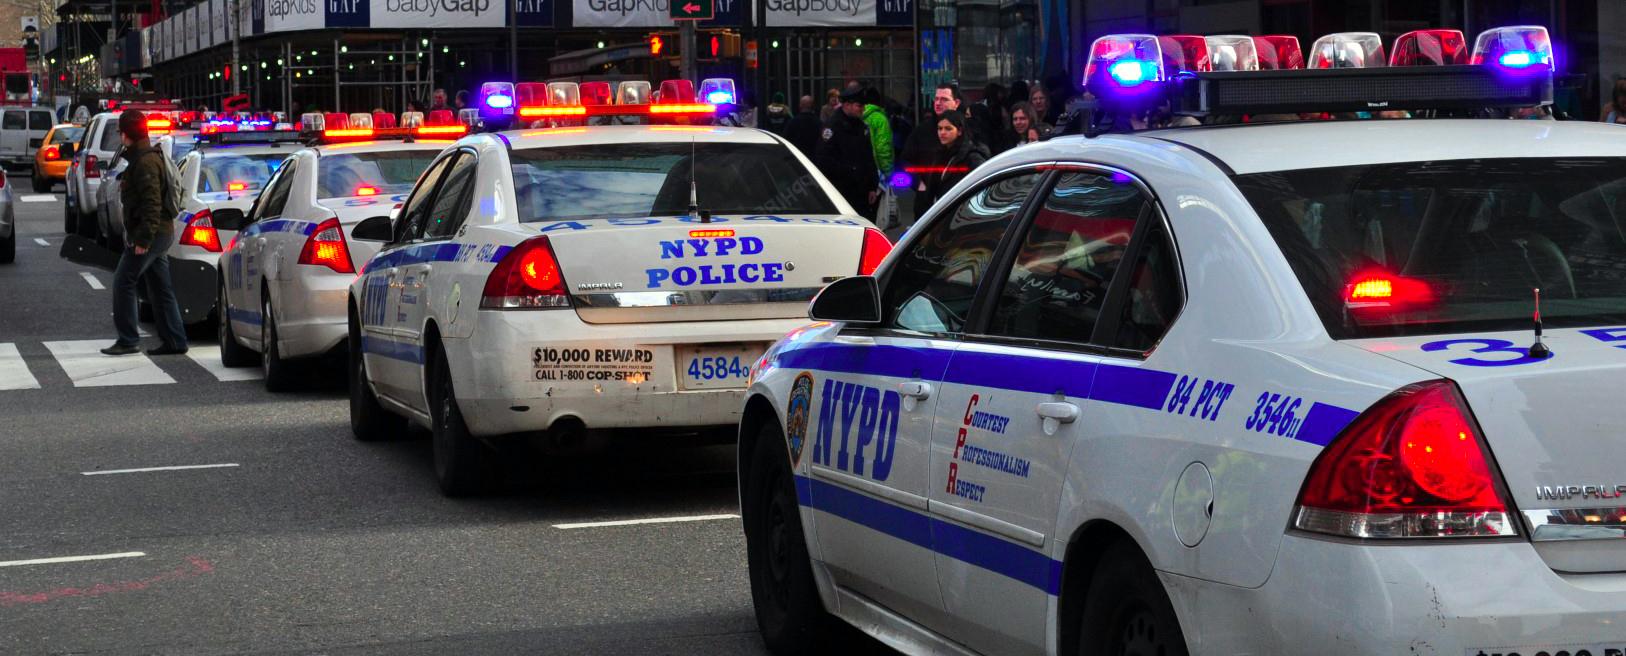 Qué hacer y ver en Nueva York qué hacer y ver en nueva york - 31142704465 2e1c54110f o - Qué hacer y ver en Nueva York